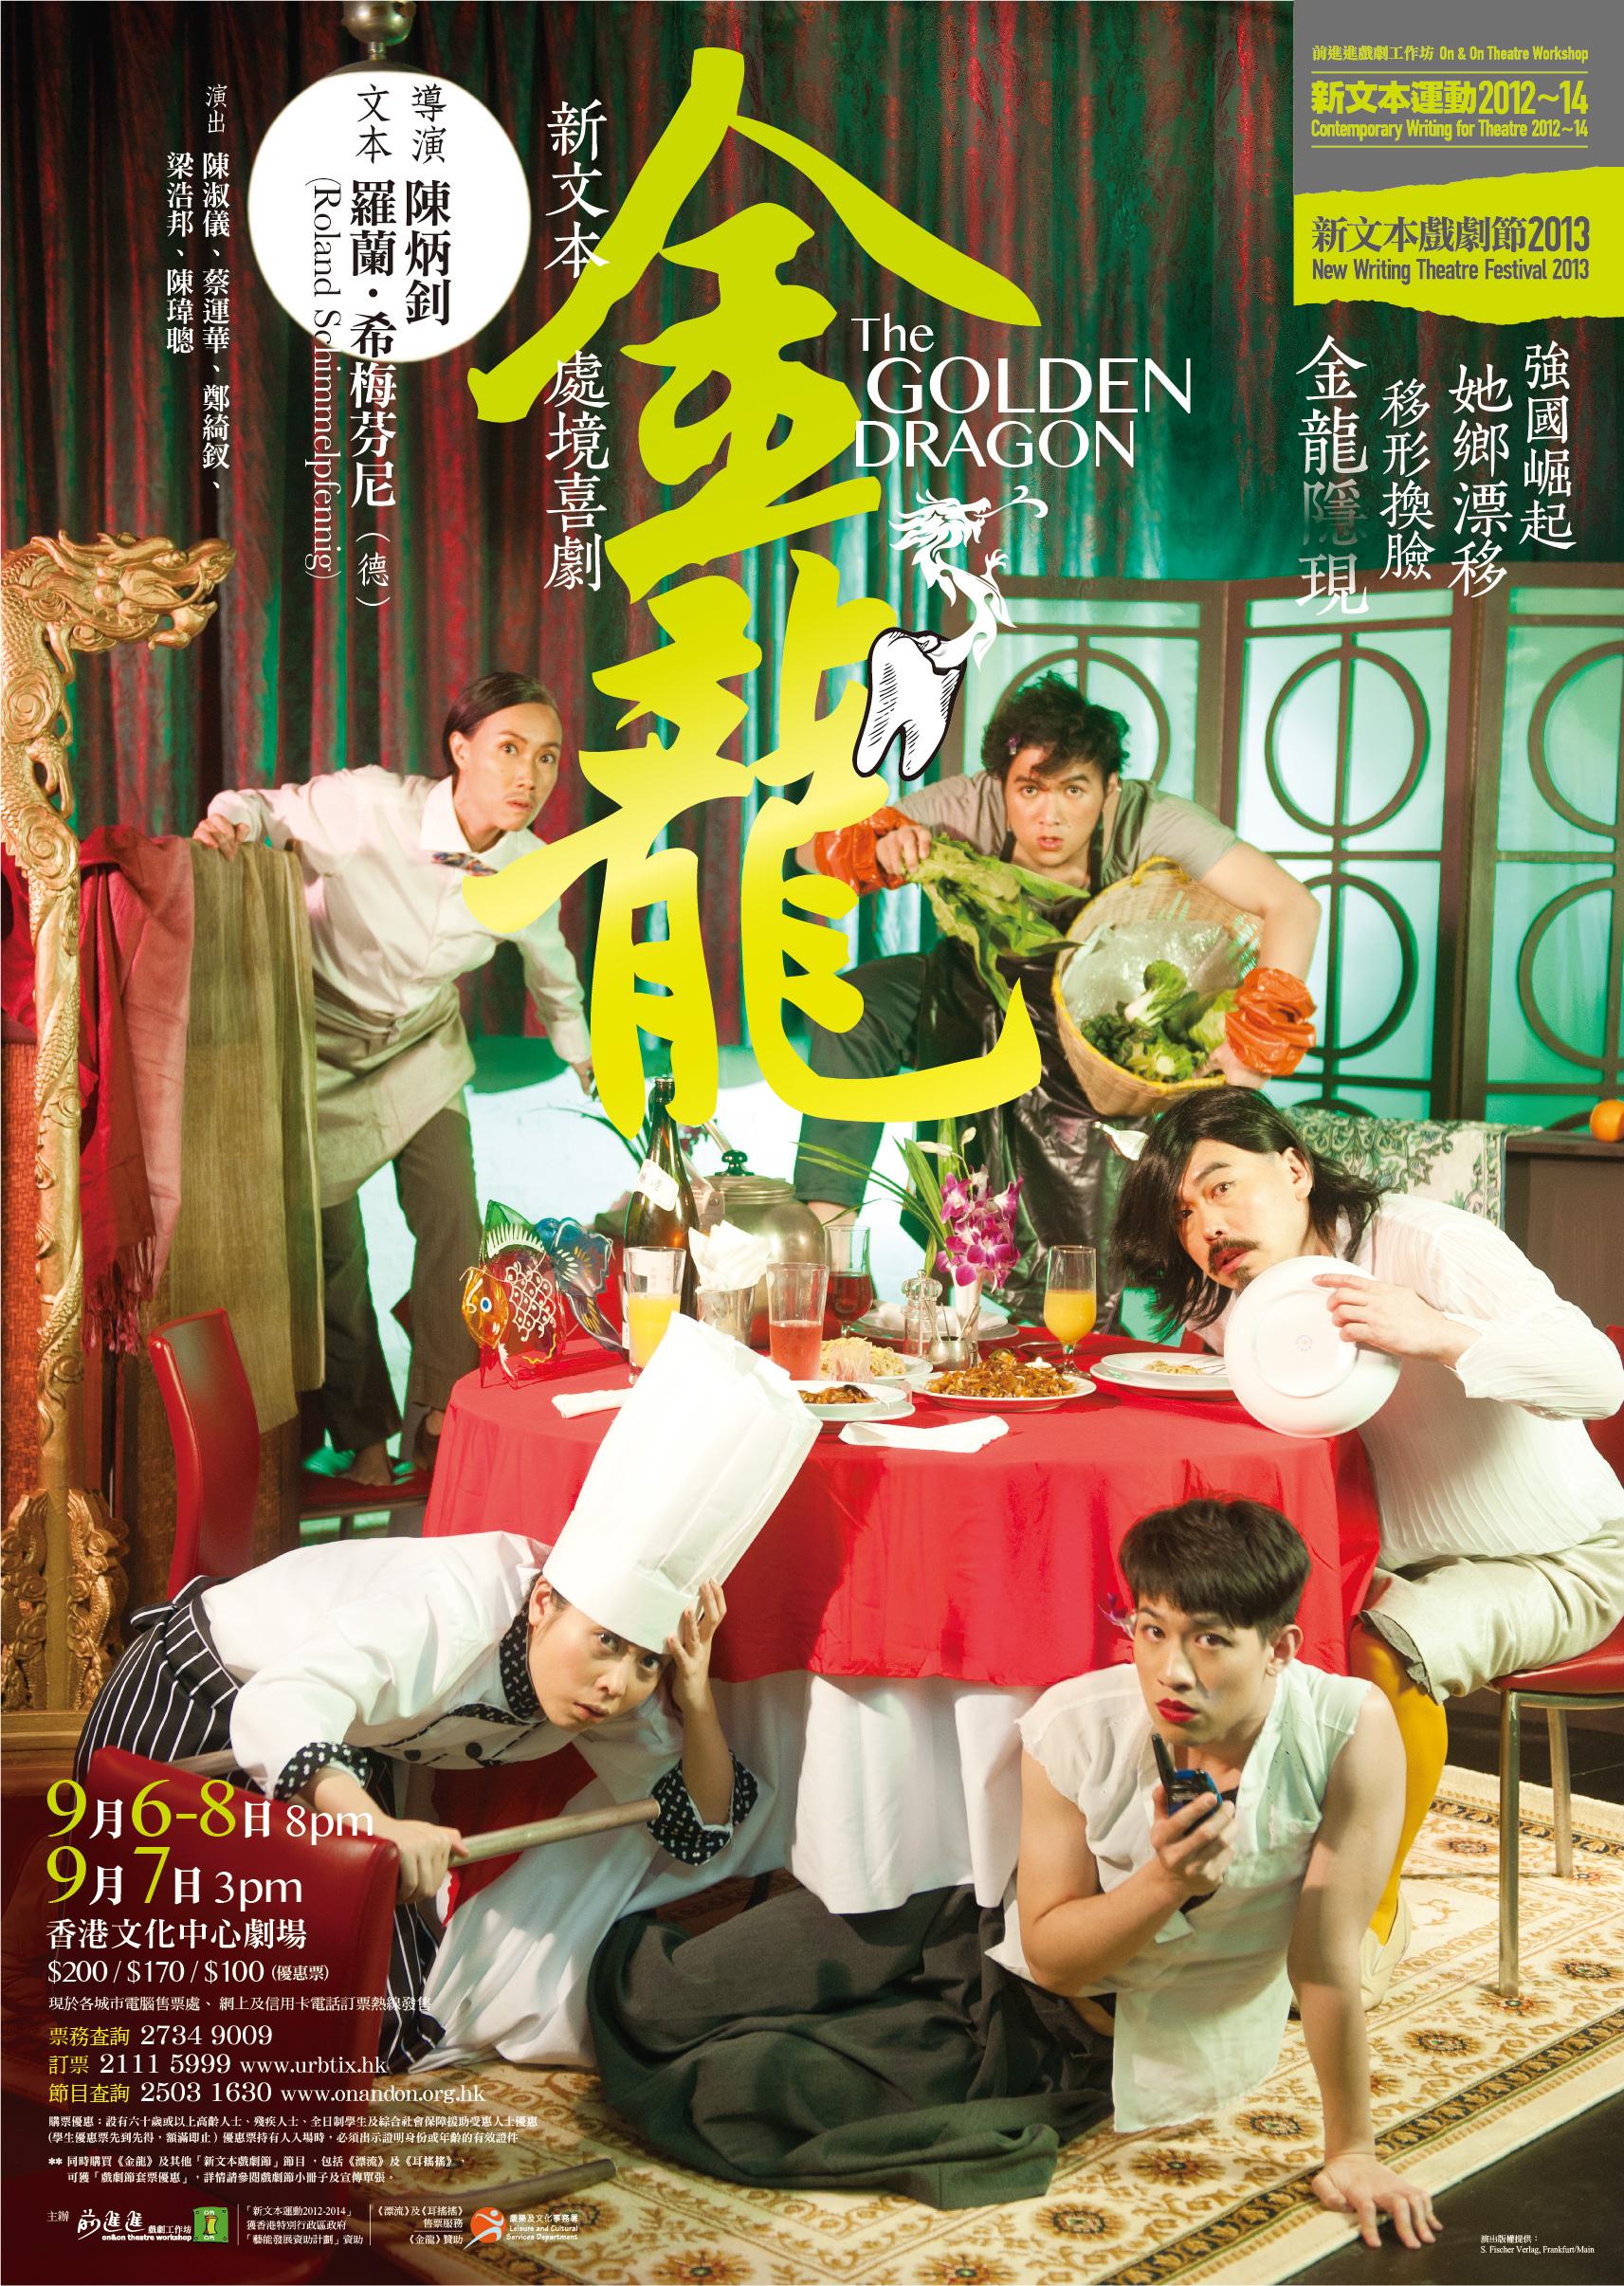 6-8/9/2013 - 香港文化中心劇場